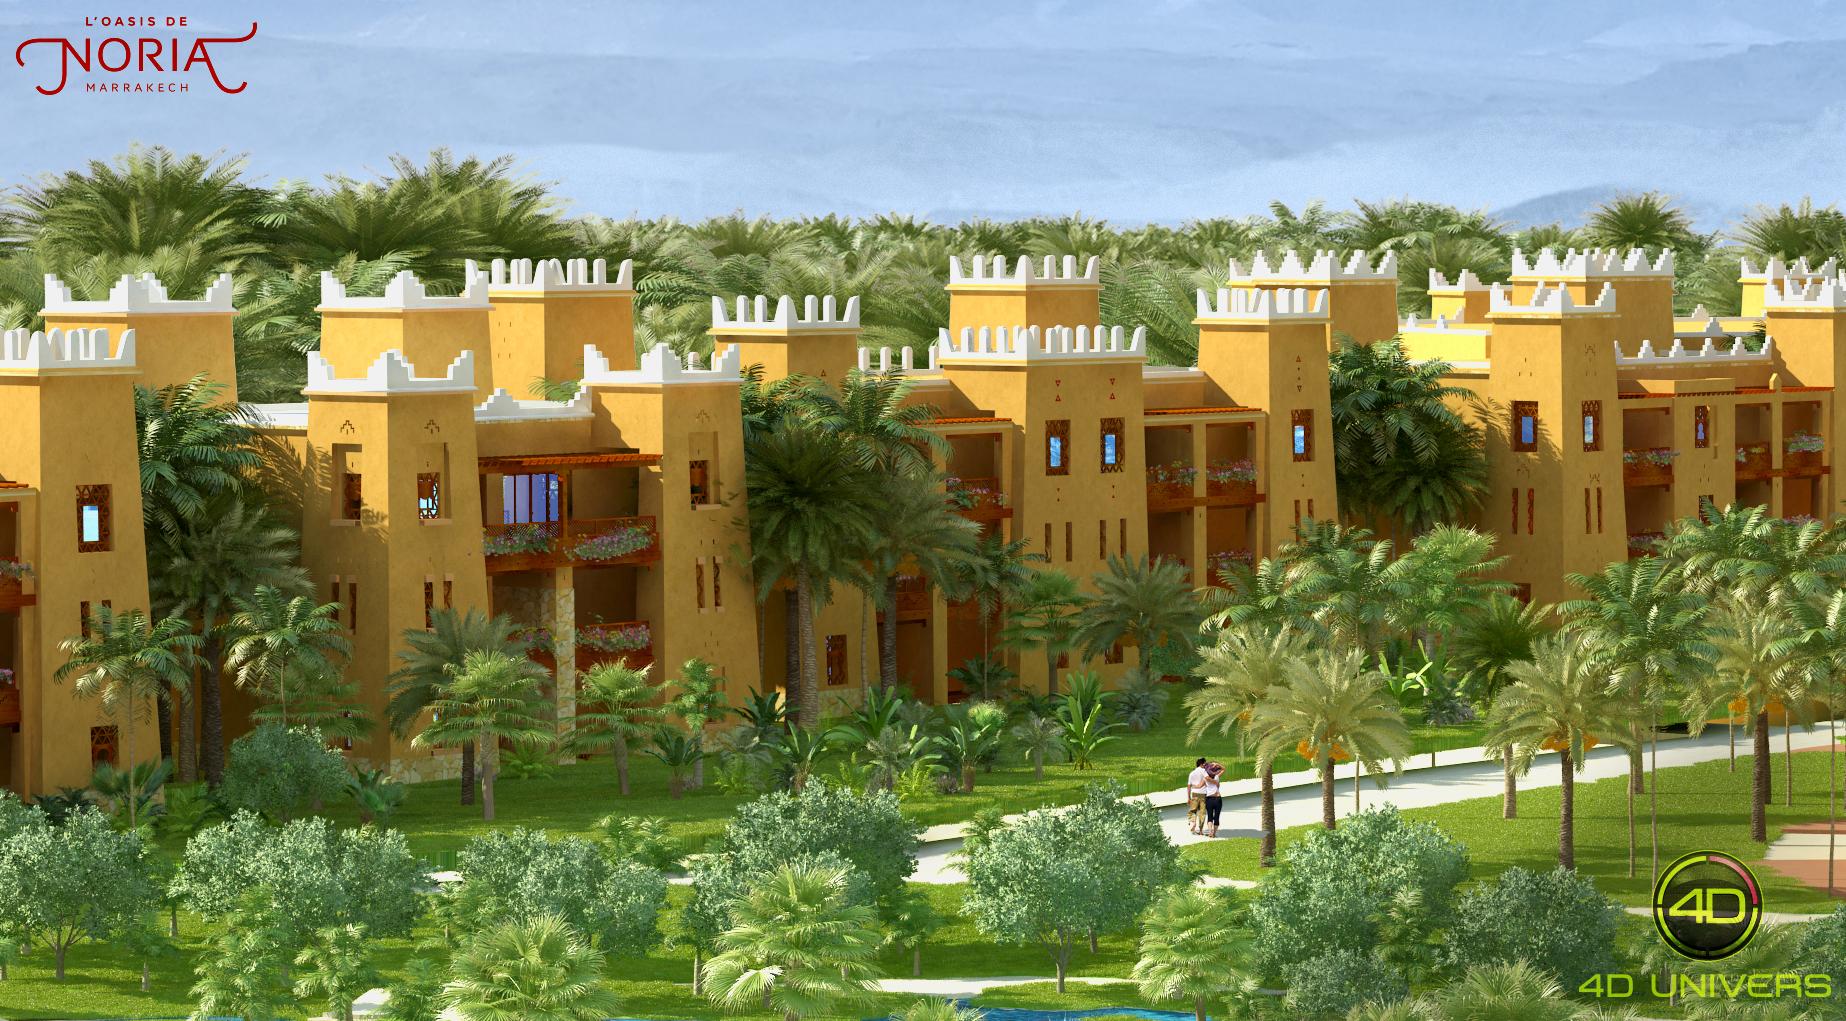 Perspective 3d oasis de noria marrakech - Architecture 3d vue 3d ...